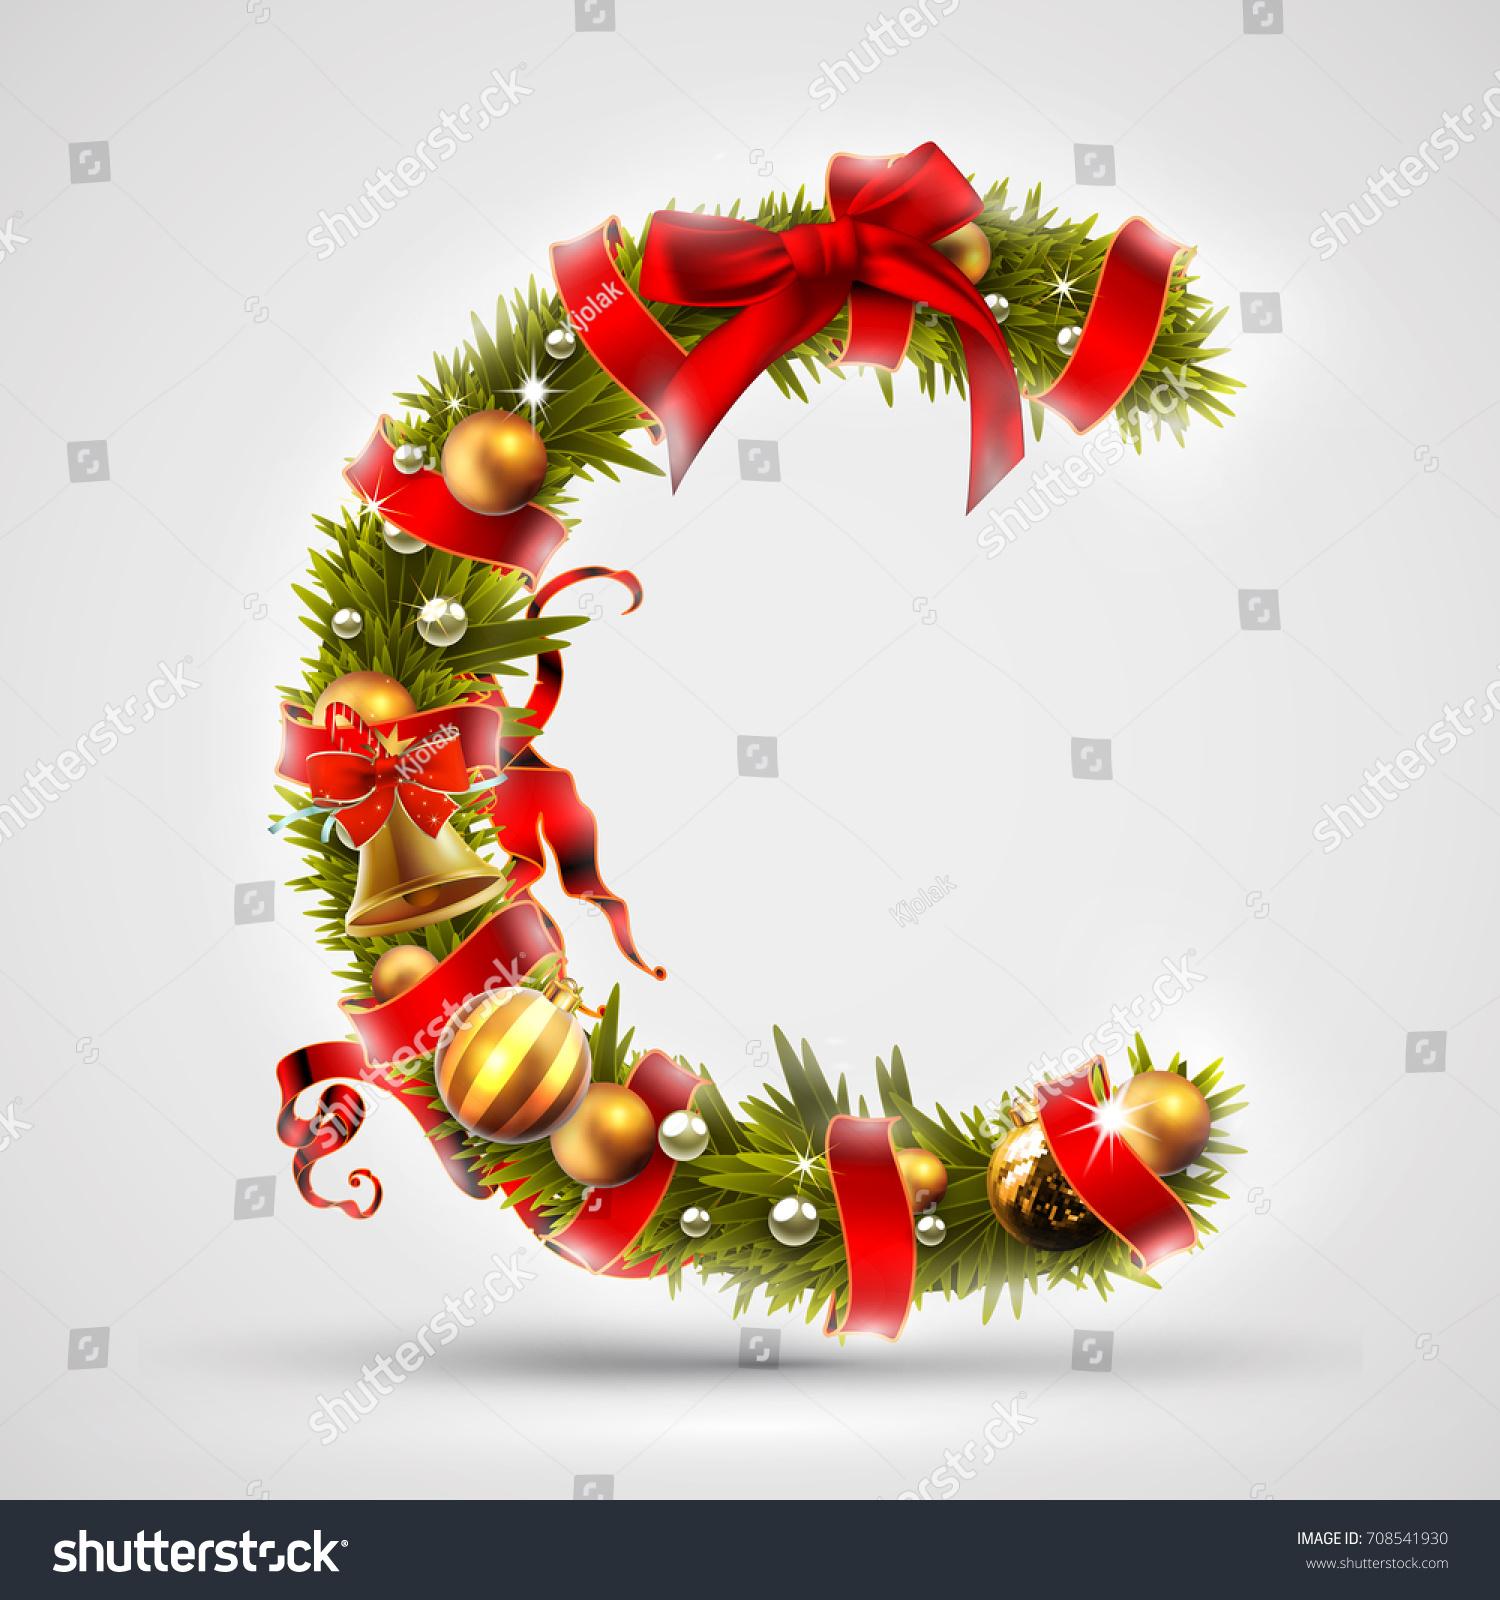 Christmas C